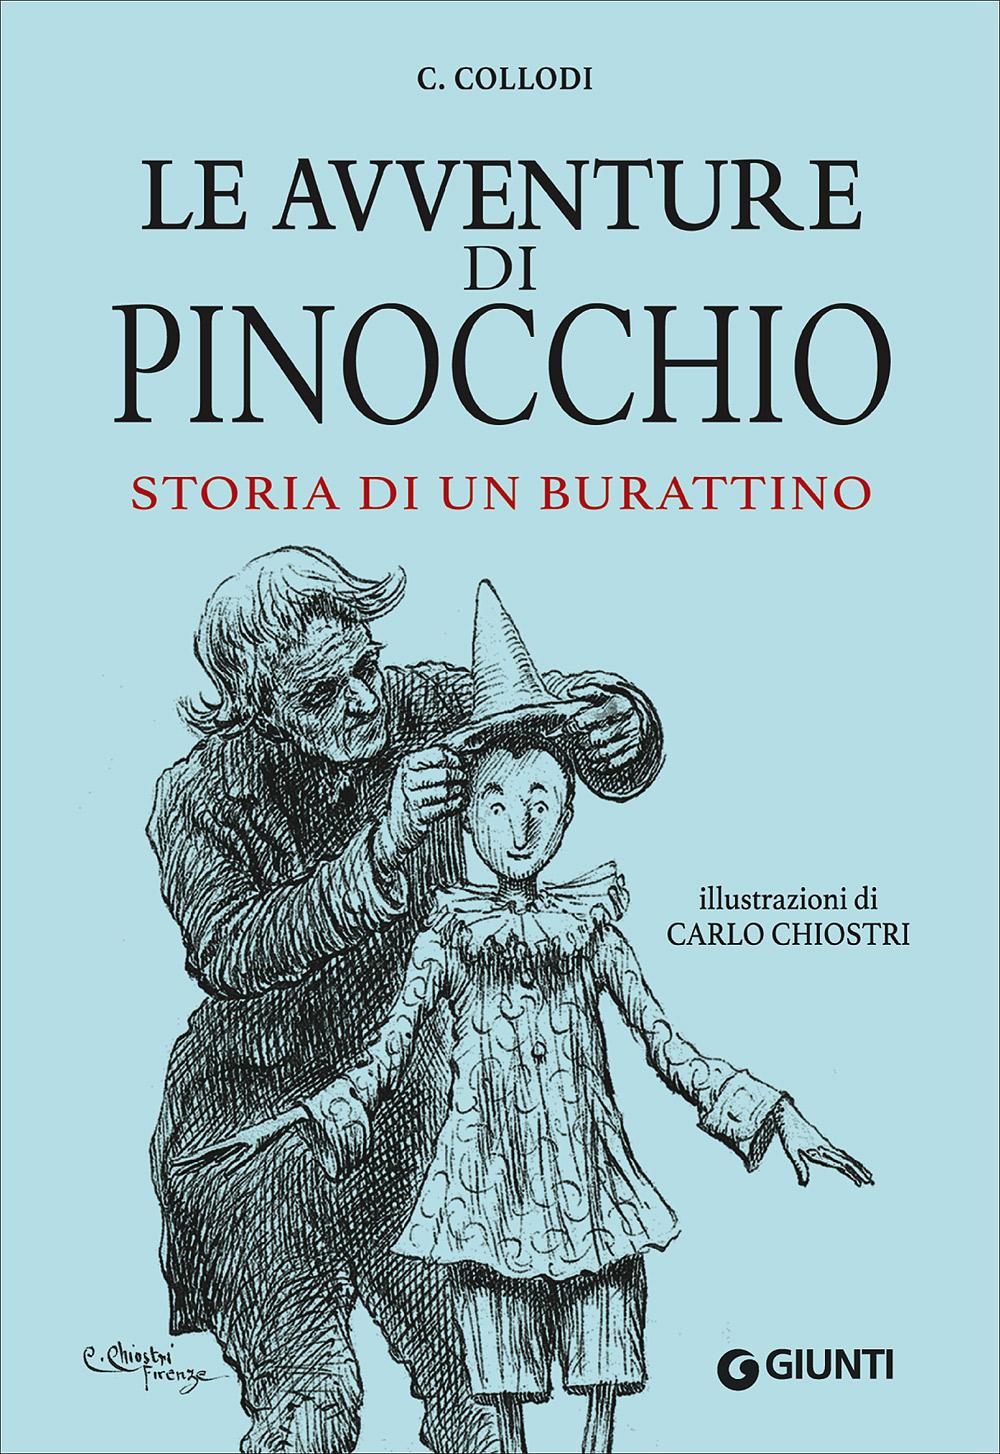 Le avventure di Pinocchio (ill. Chiostri)